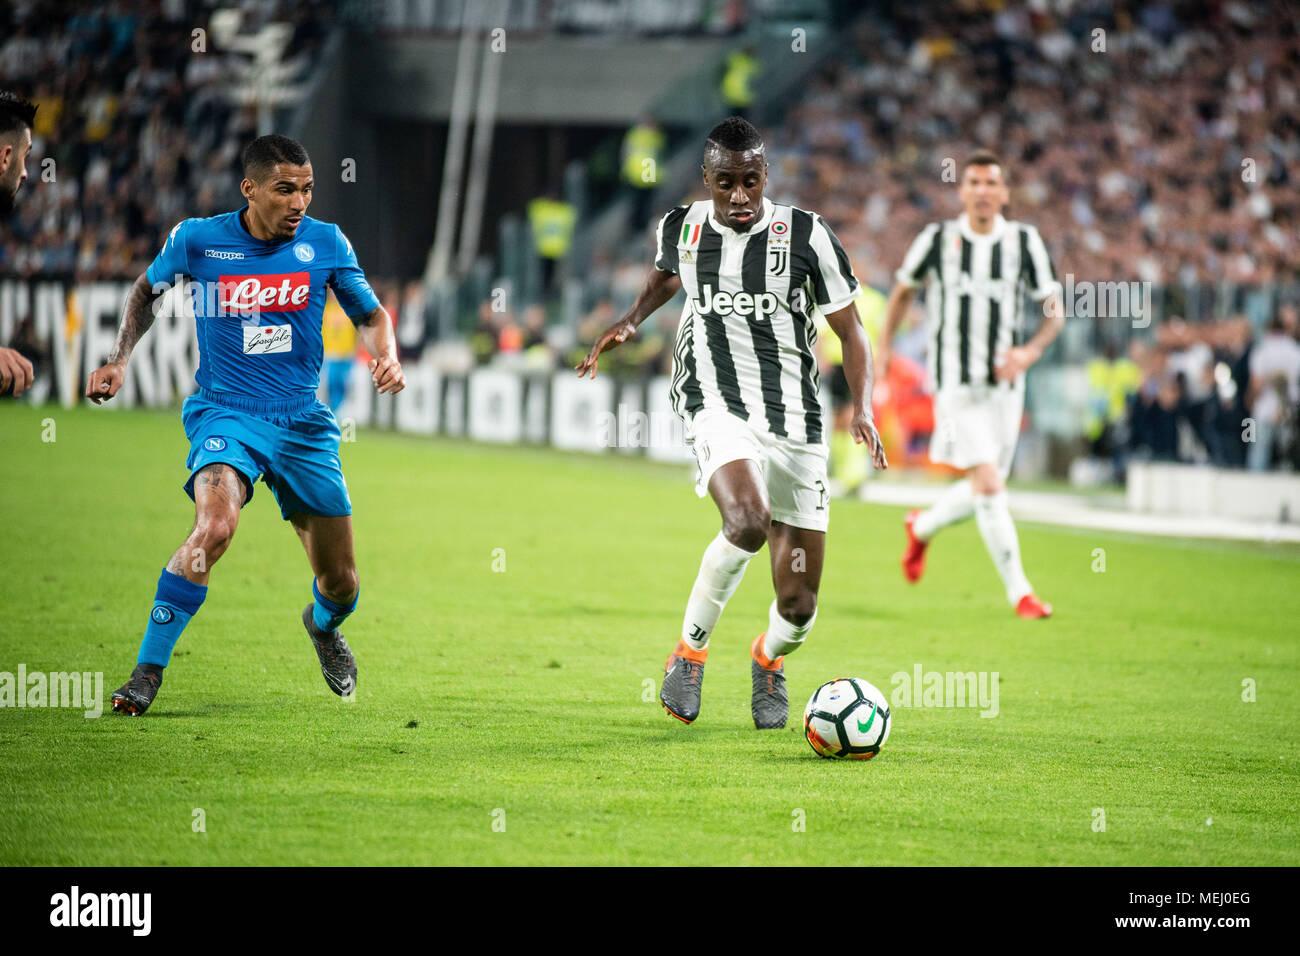 Image Result For Napoli V Barcelona Nd Leg Live